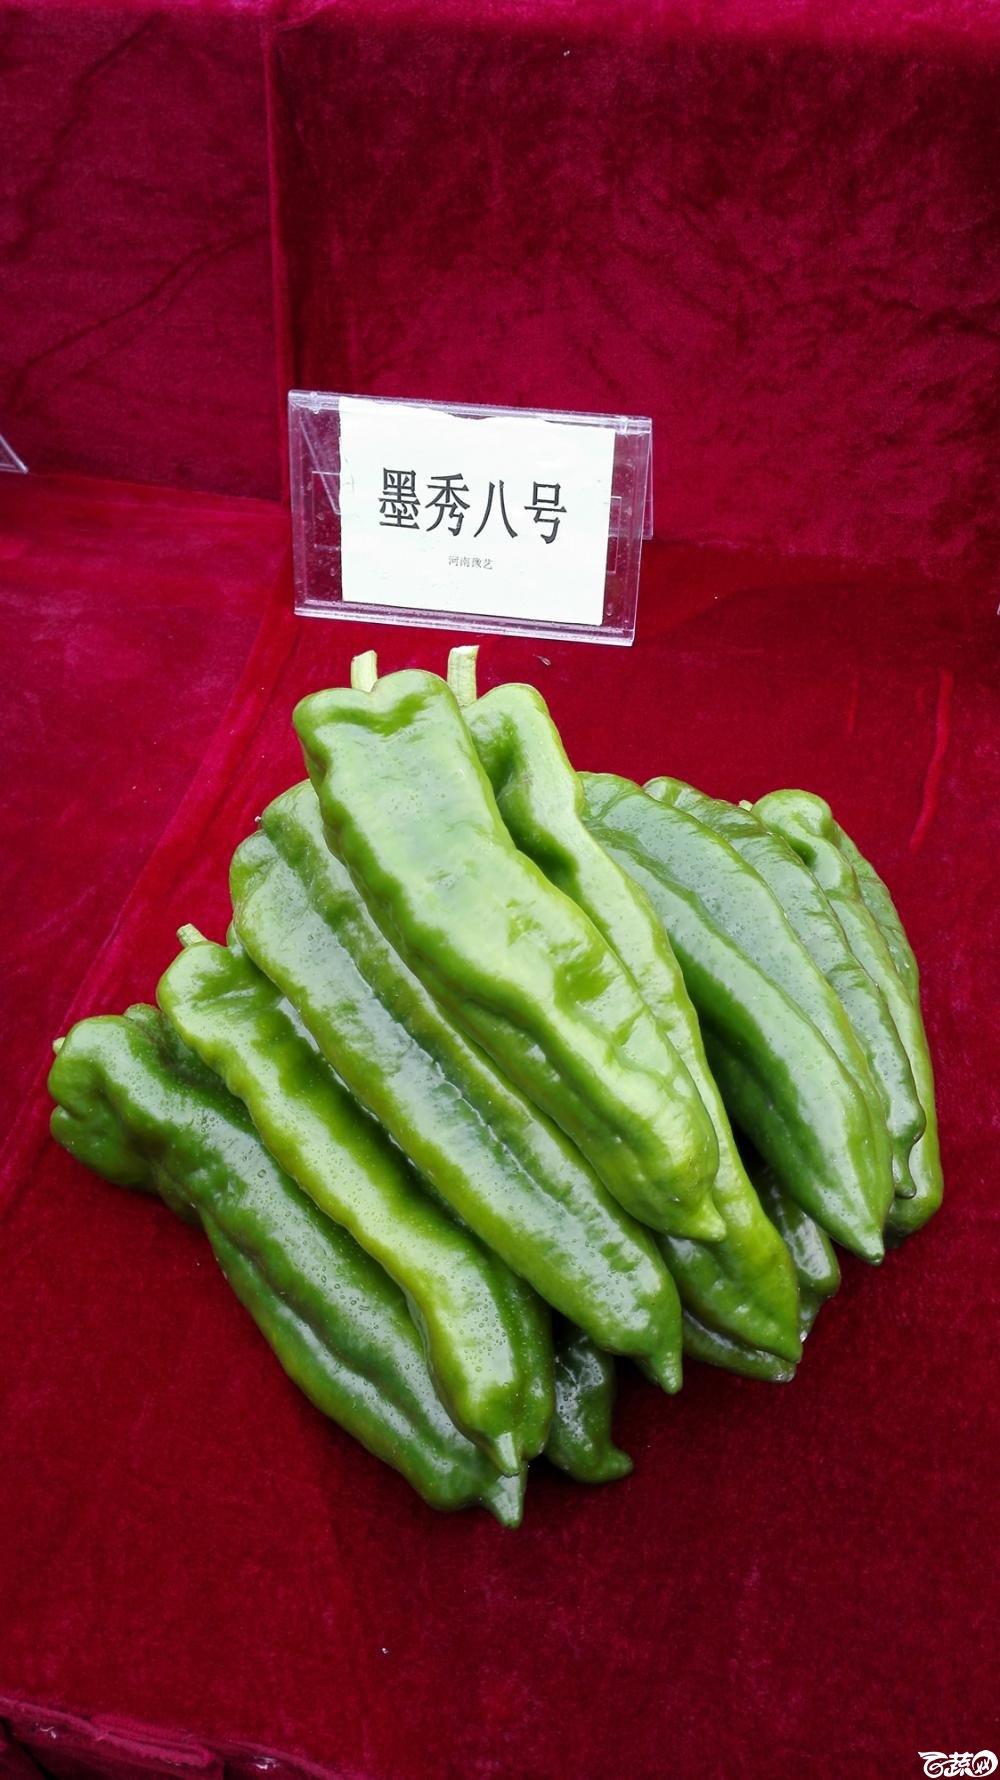 2014年12月8号中山蔬菜新品种展示会_辣椒_004.jpg